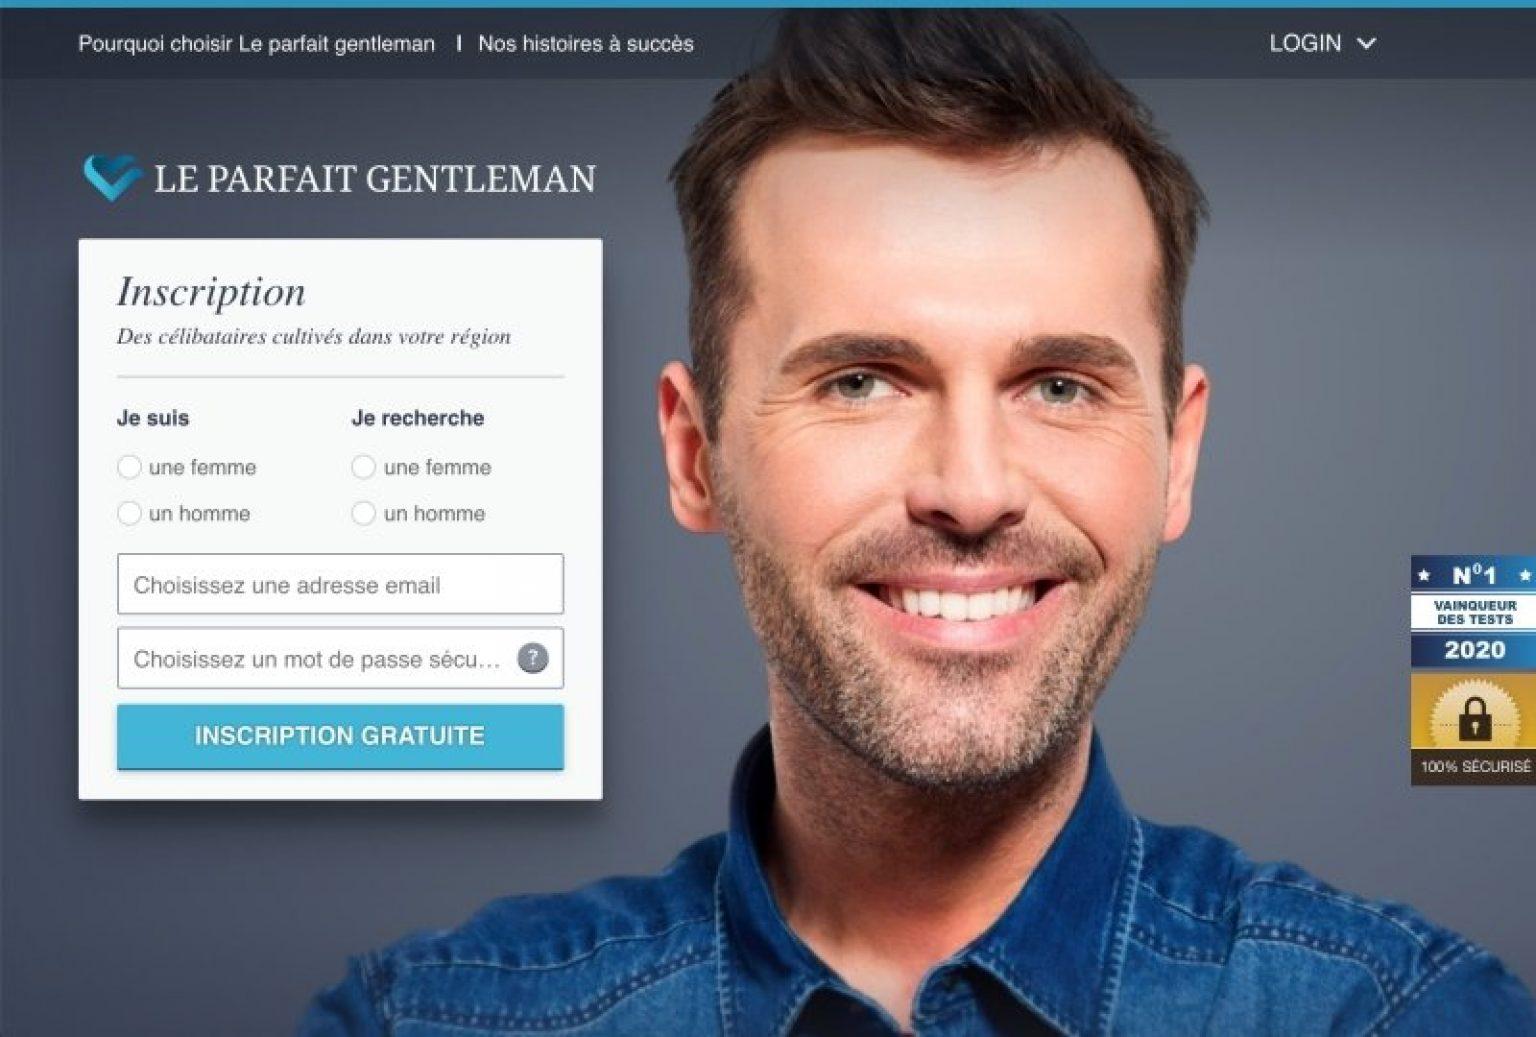 Le Parfait Gentleman